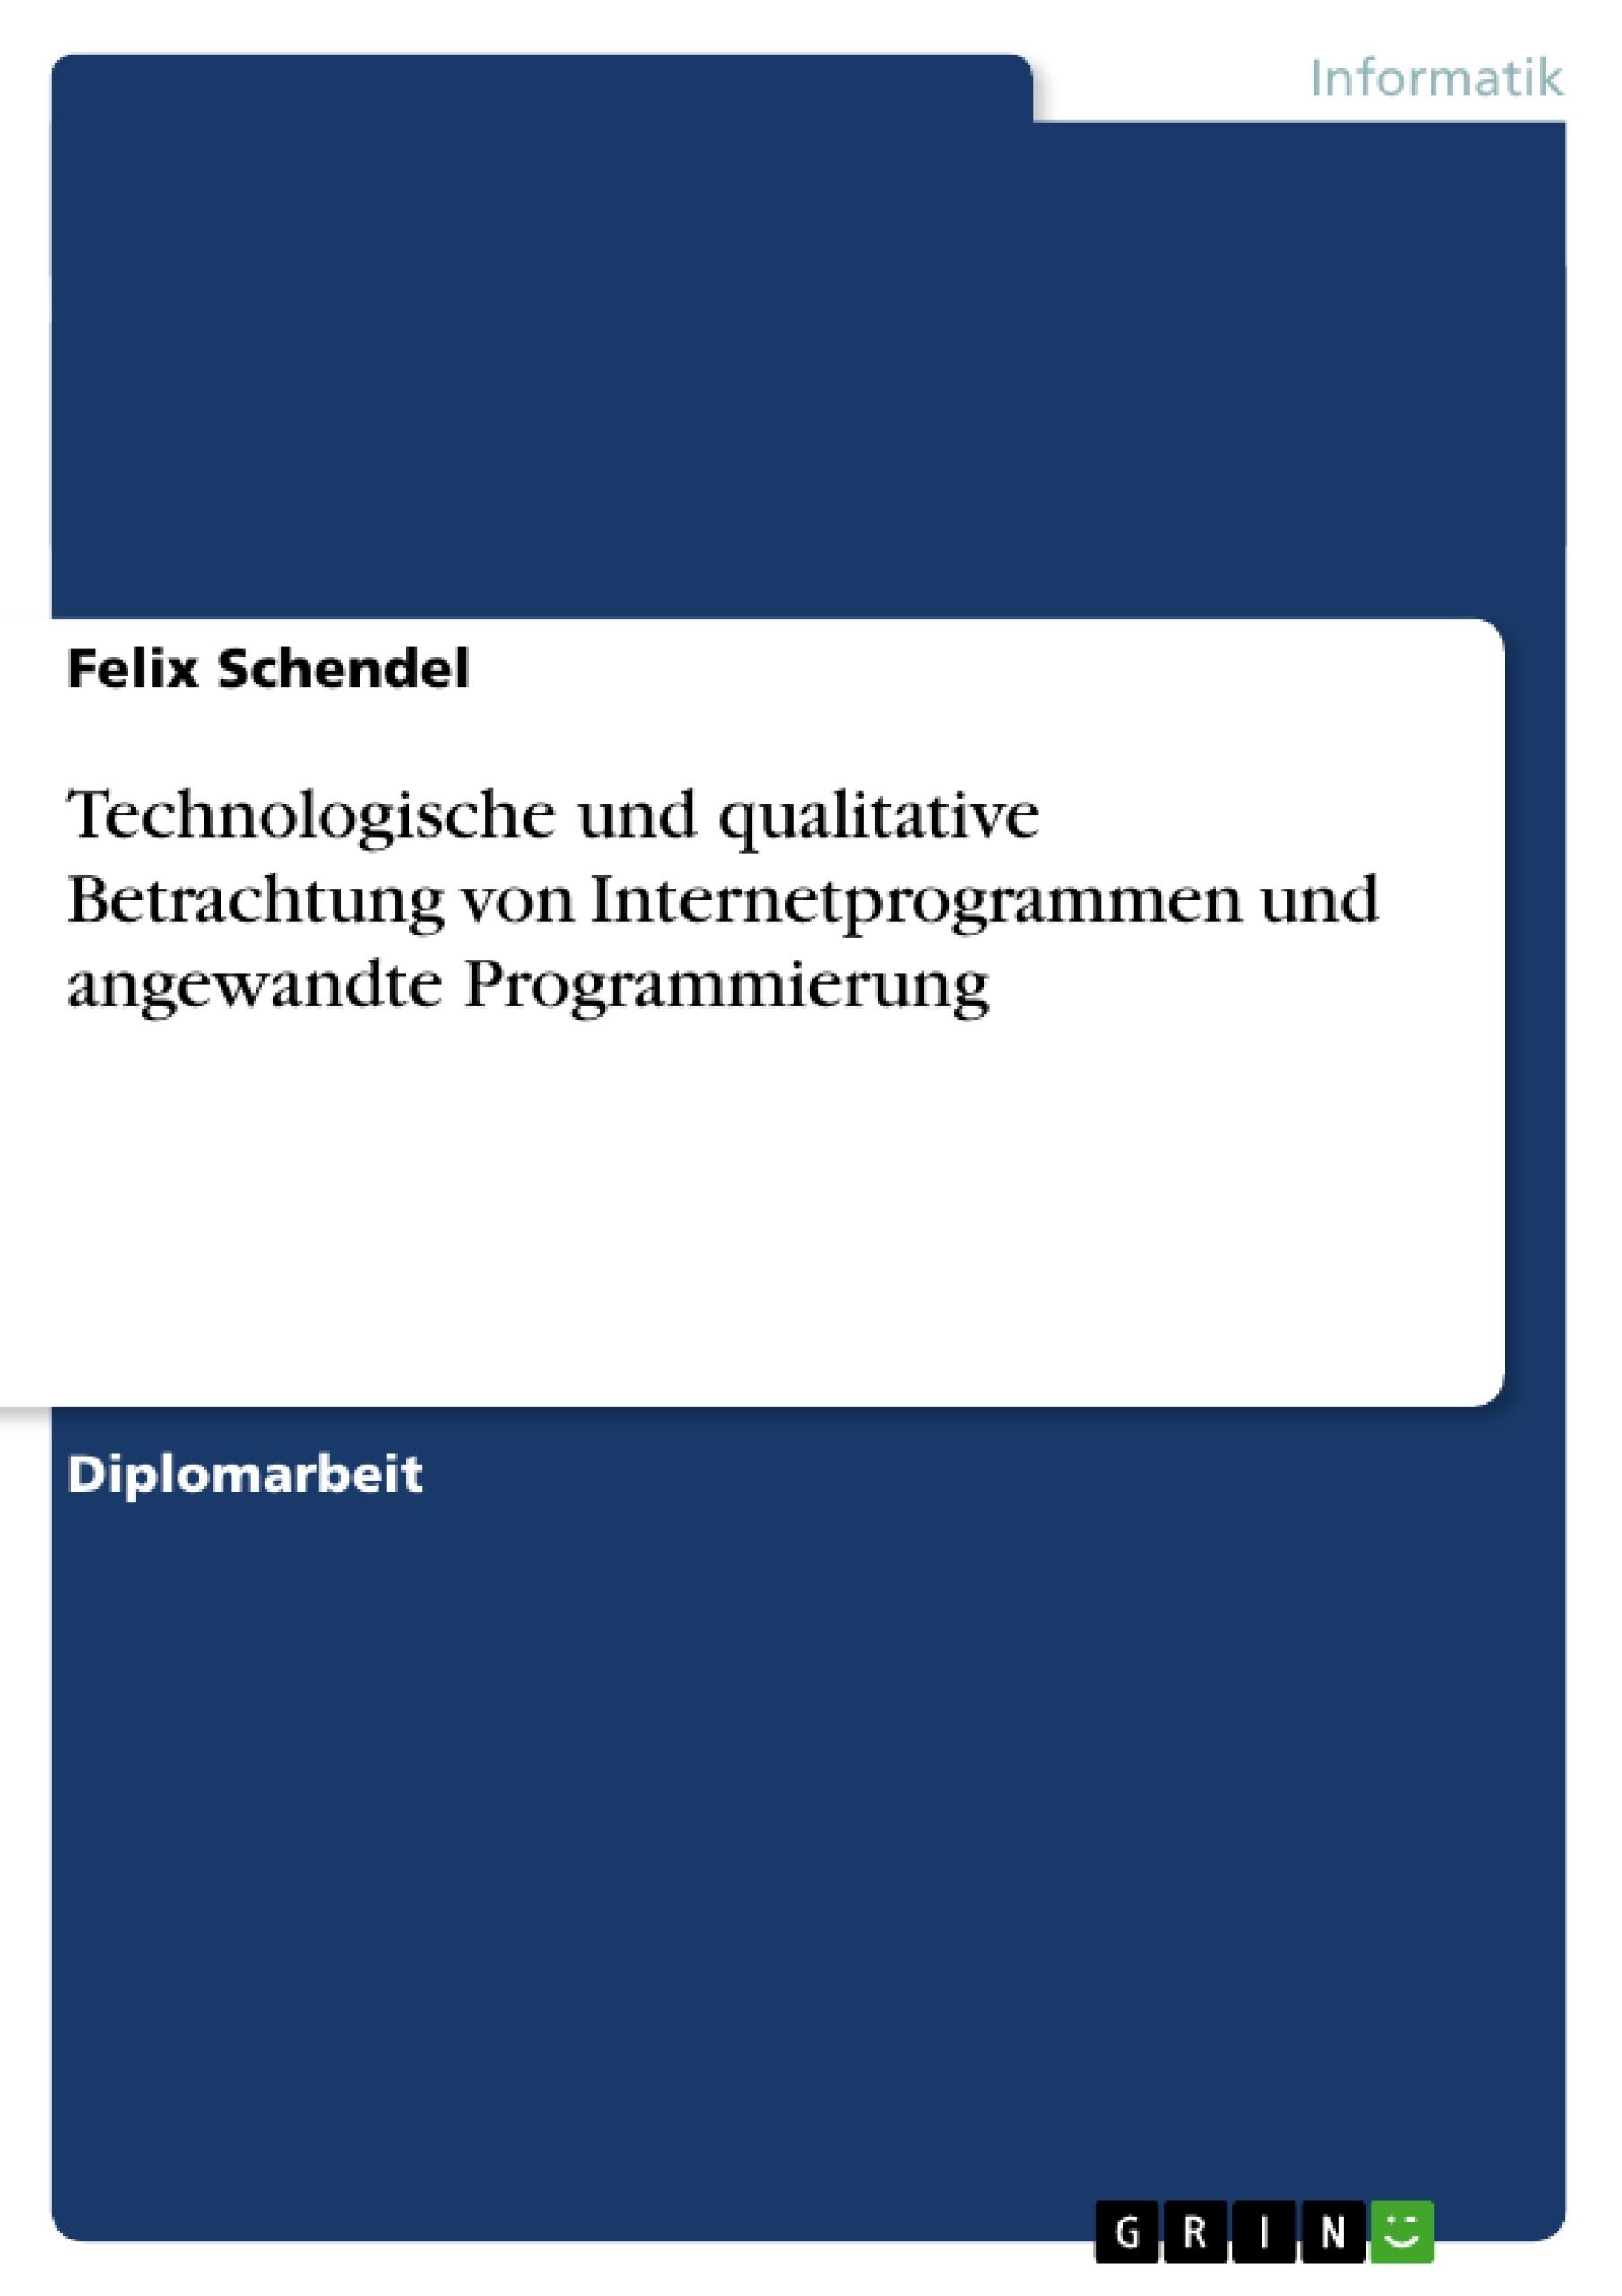 Titel: Technologische und qualitative Betrachtung von Internetprogrammen und angewandte Programmierung